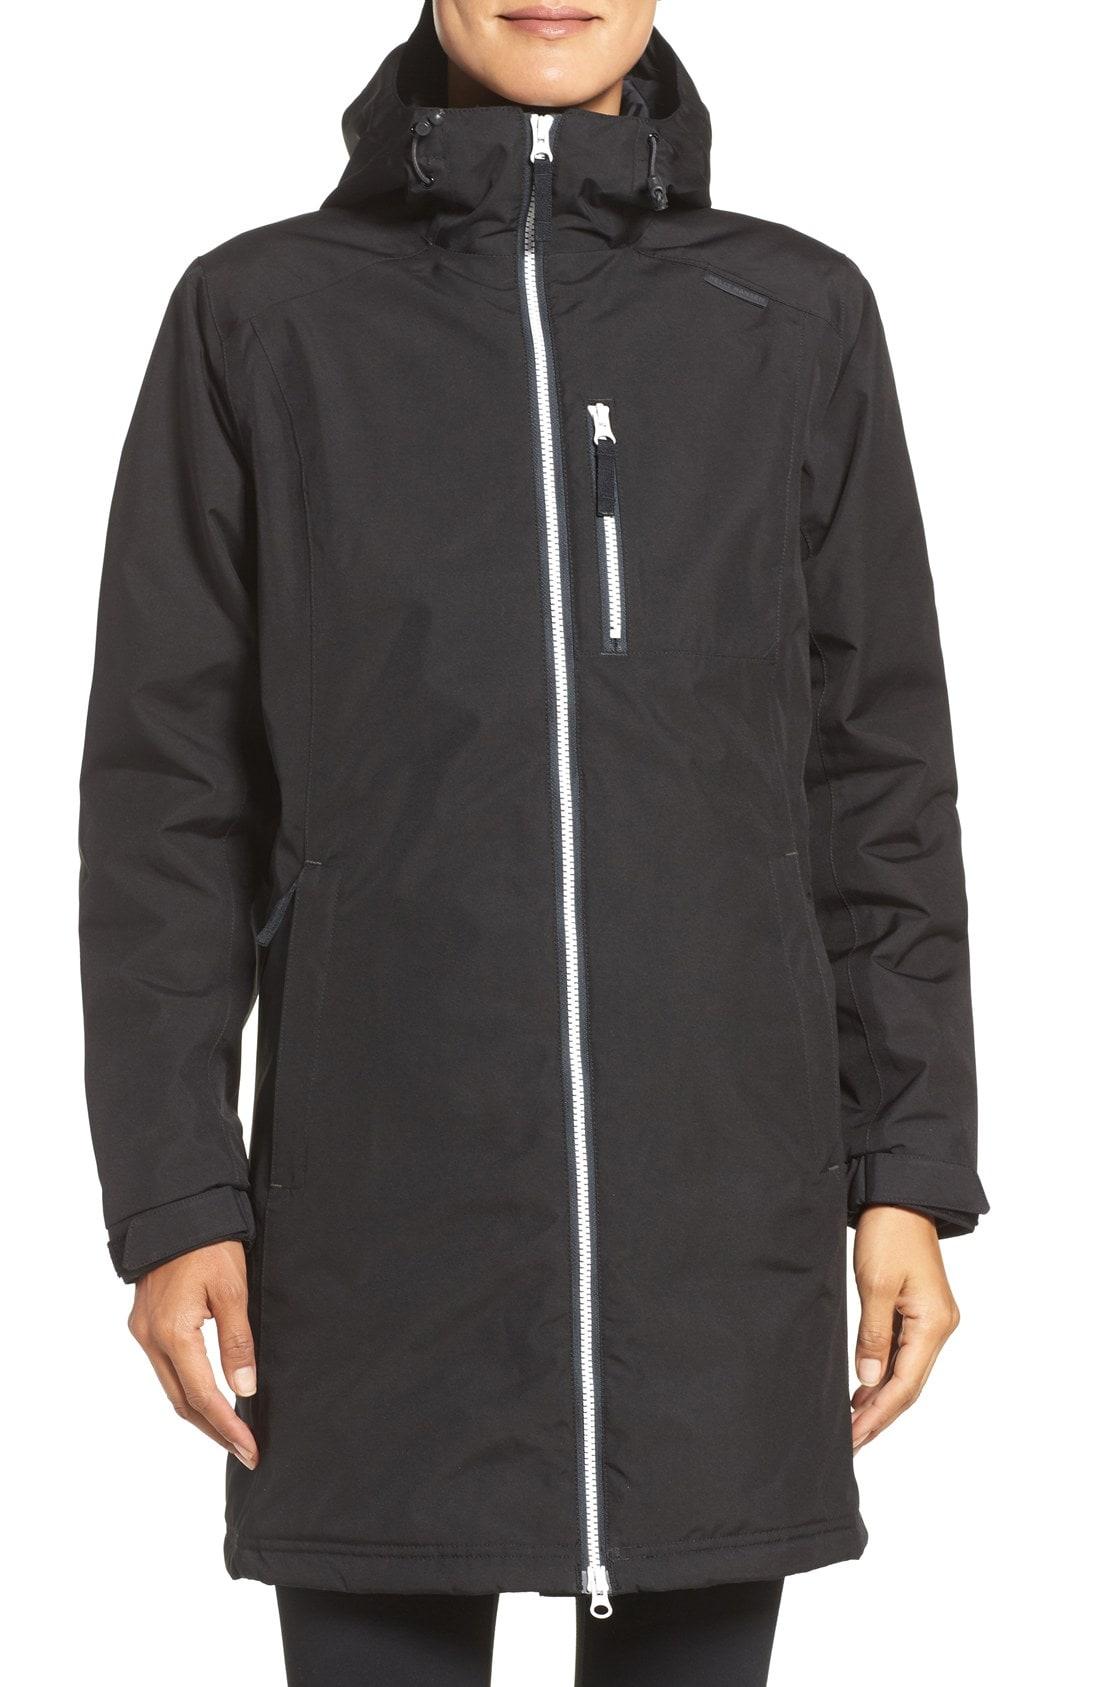 Helly Hansen 'Belfast' Long Waterproof Winter Rain Jacket